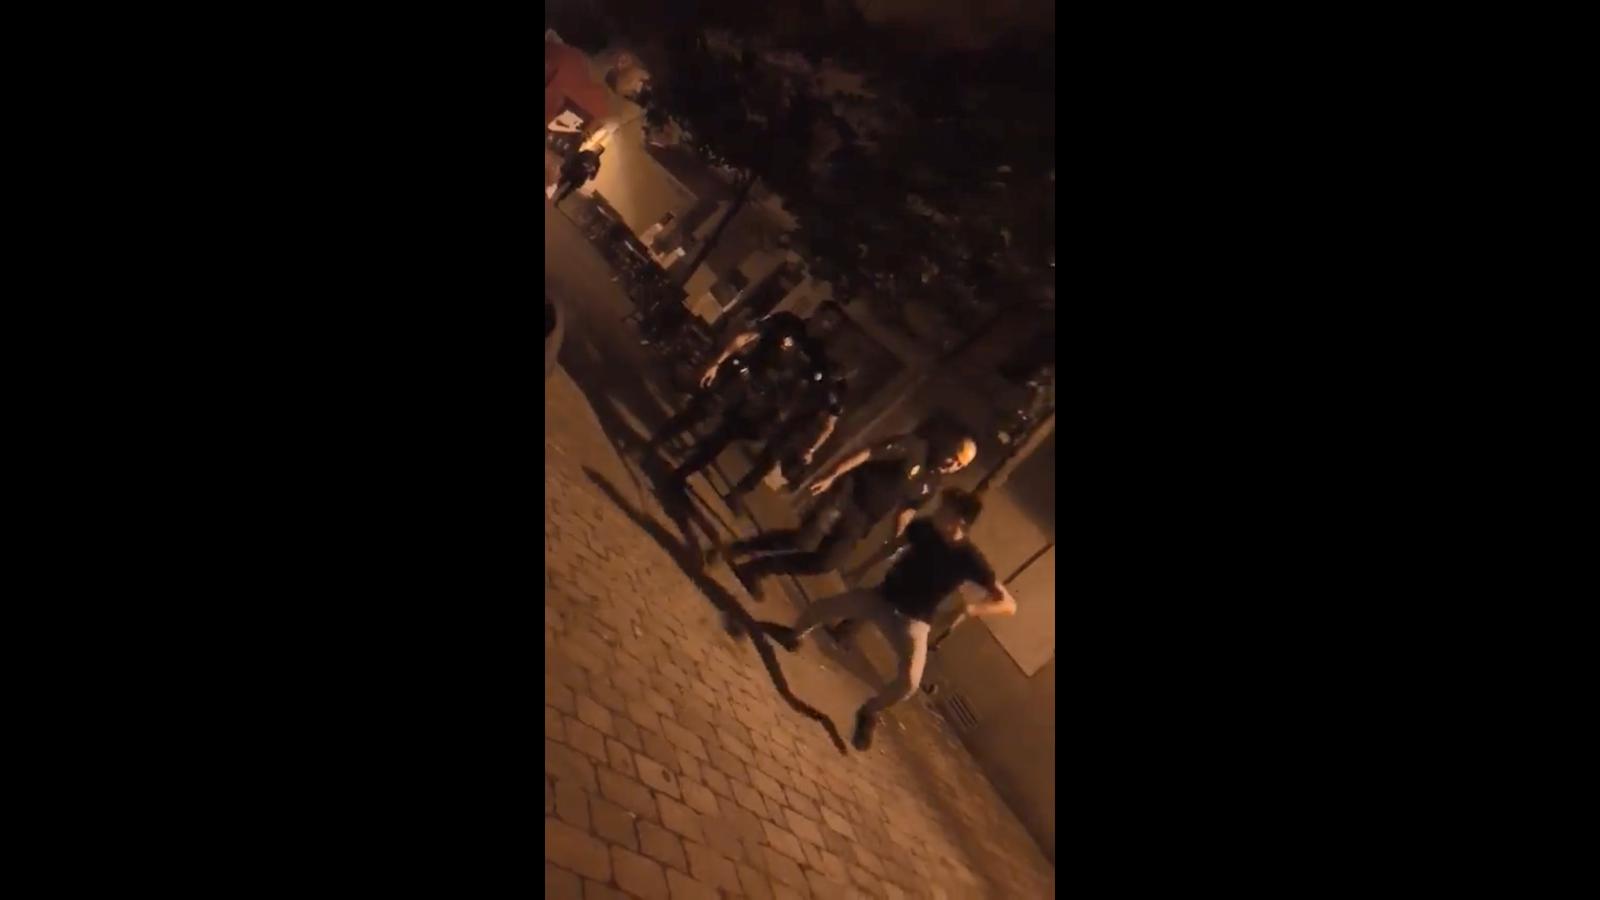 """Un grup de policies locals de Portocristo agredeixen un menor al crit de """"Ven aquí, maricón"""""""